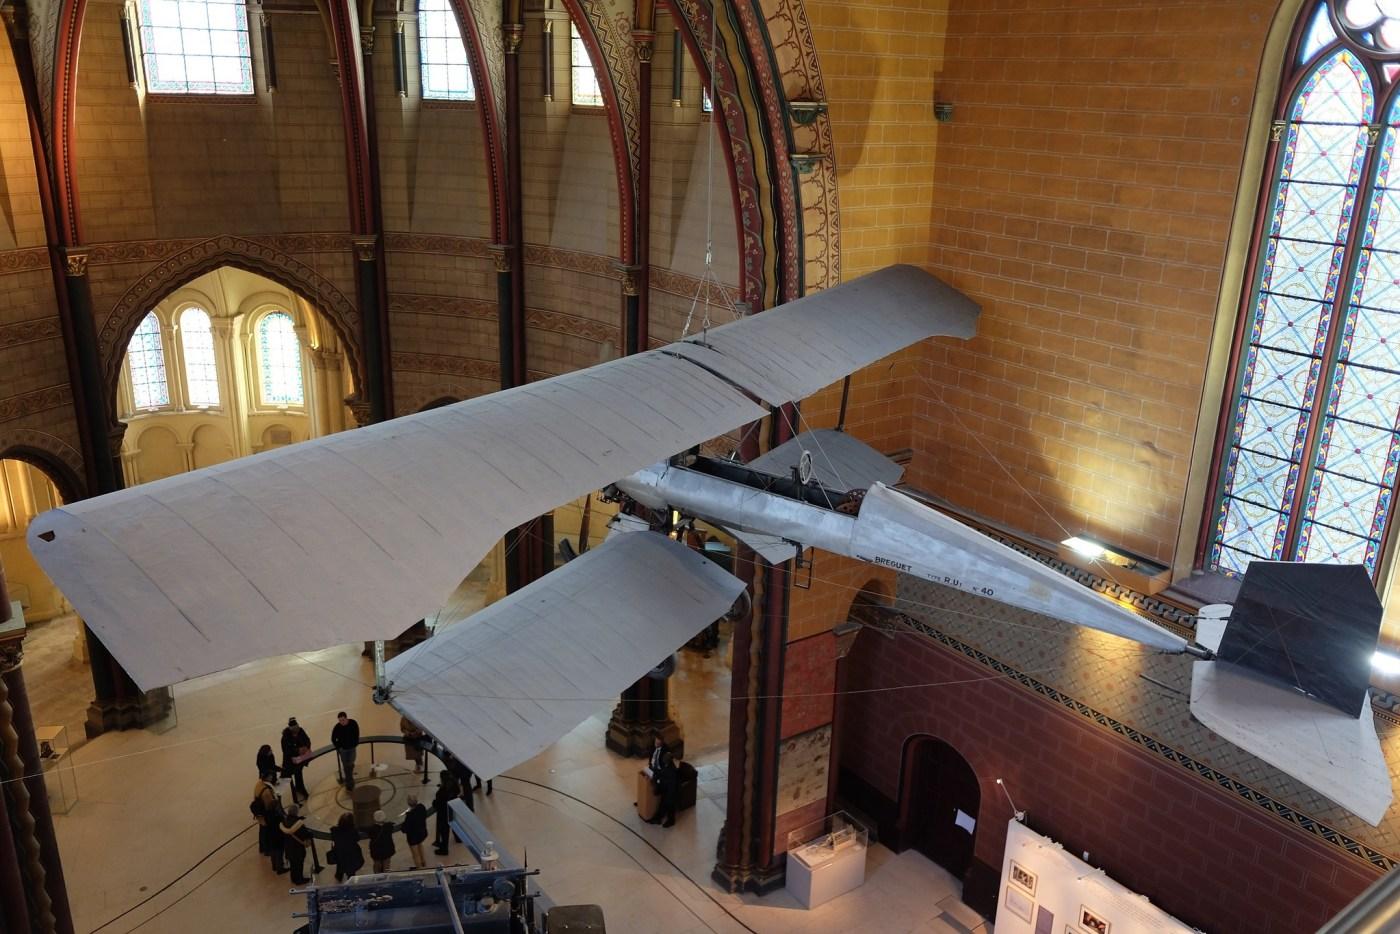 1911 Breguet biplane airplane Type R.U1 No.40. located at the Musée des Arts et Métiers, Paris